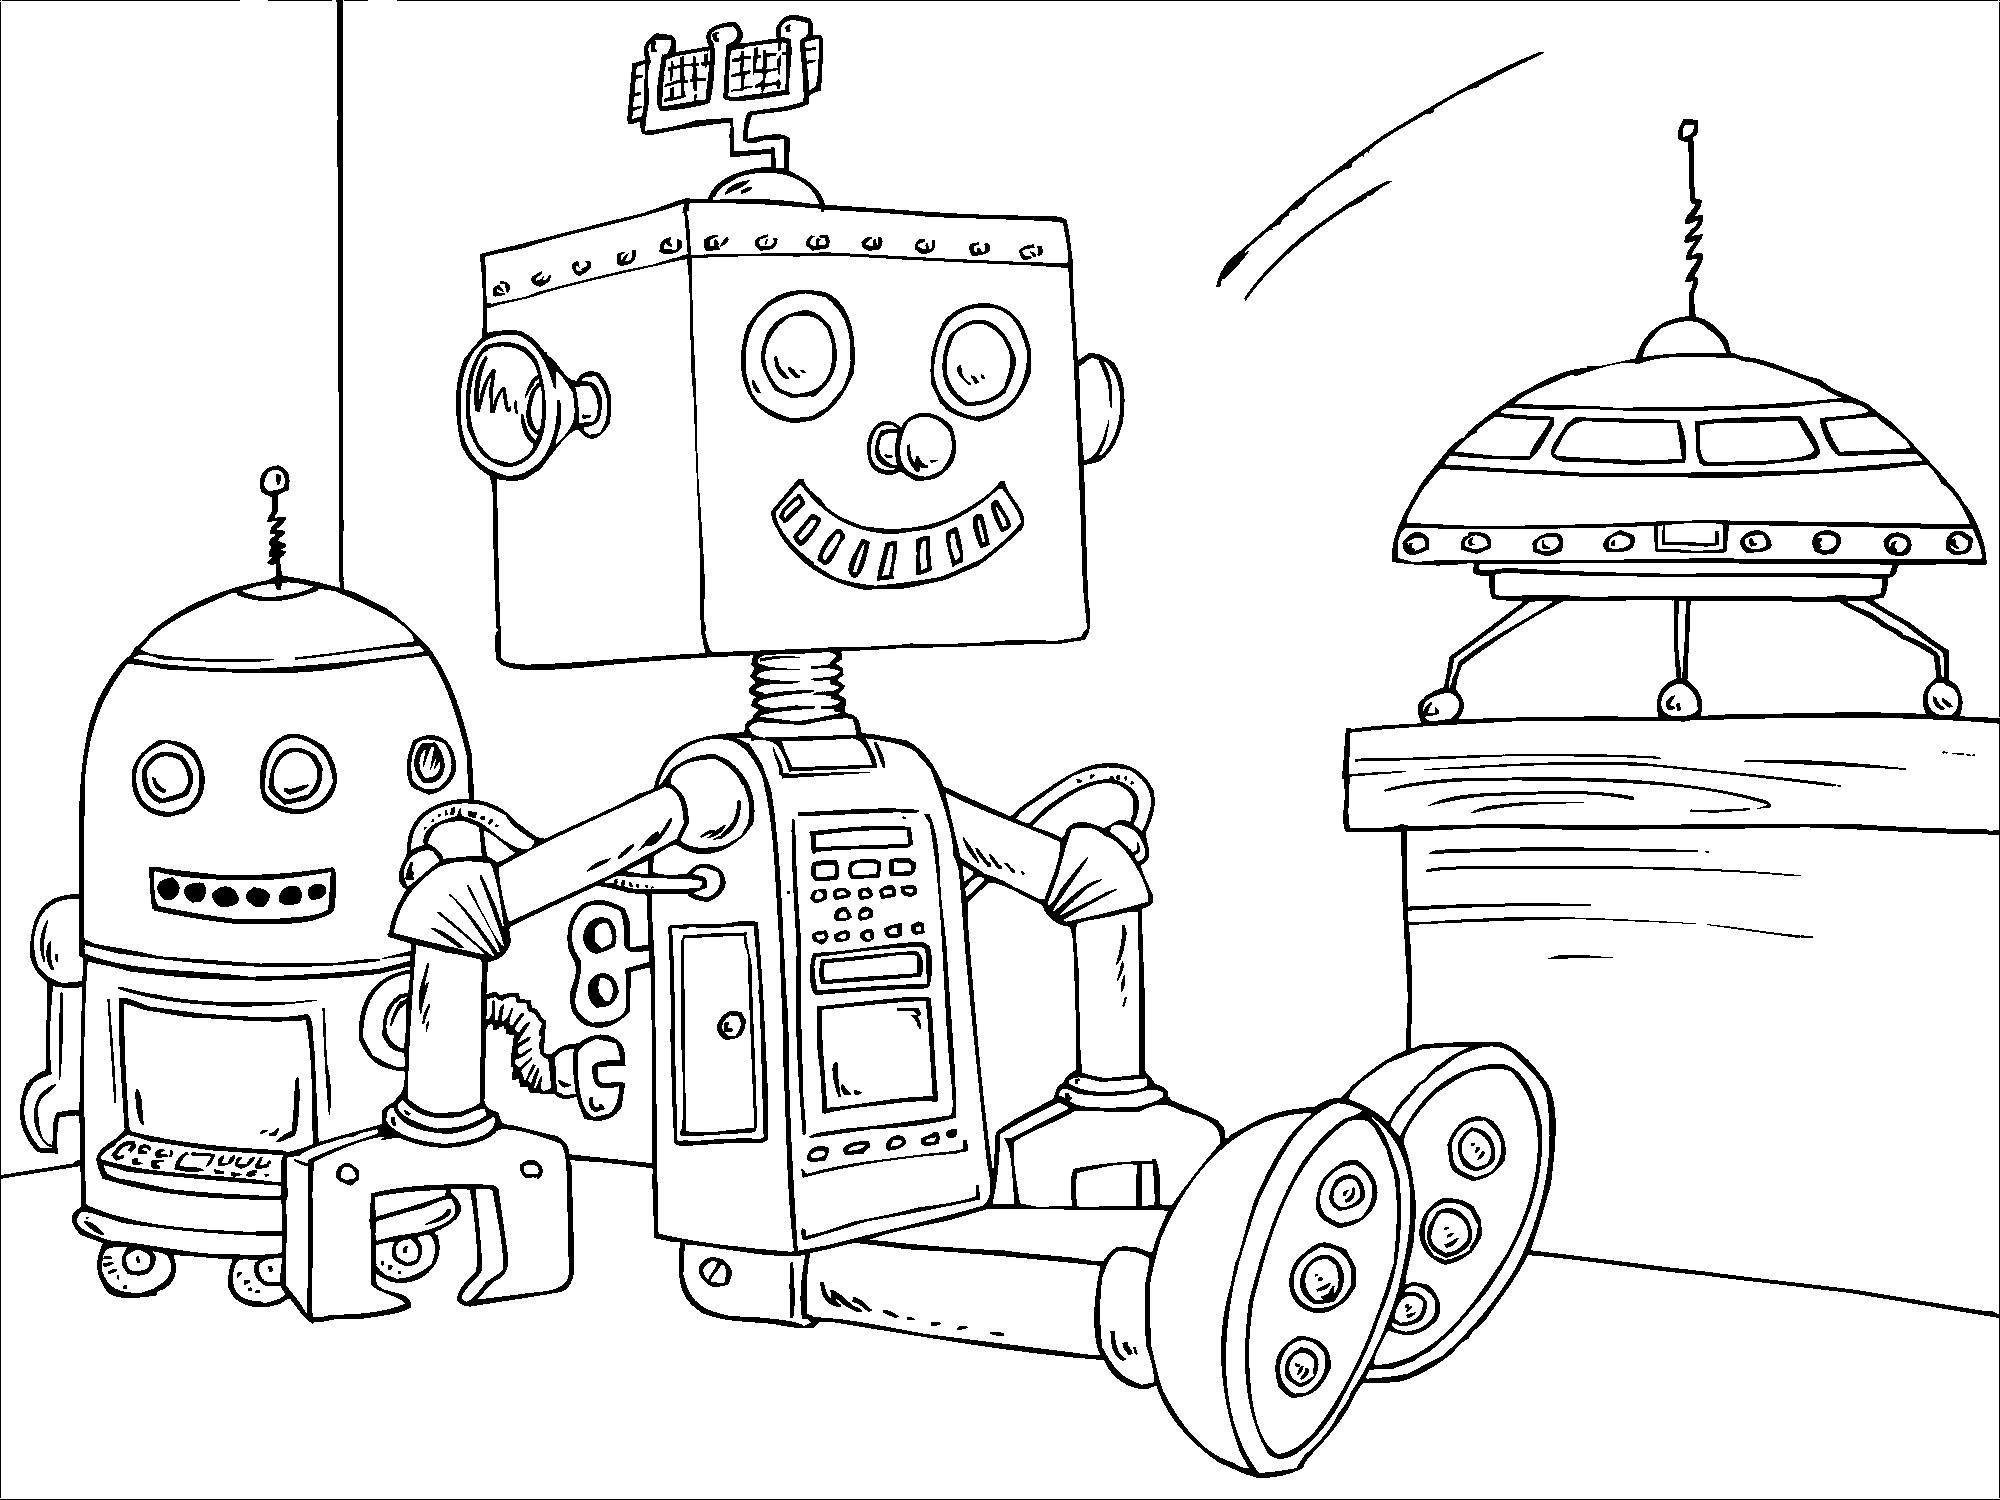 Afbeeldingen Kleurplaten Robot Kleurplaat Speelgoed Robot Gratis Kleurplaten Om Te Printen